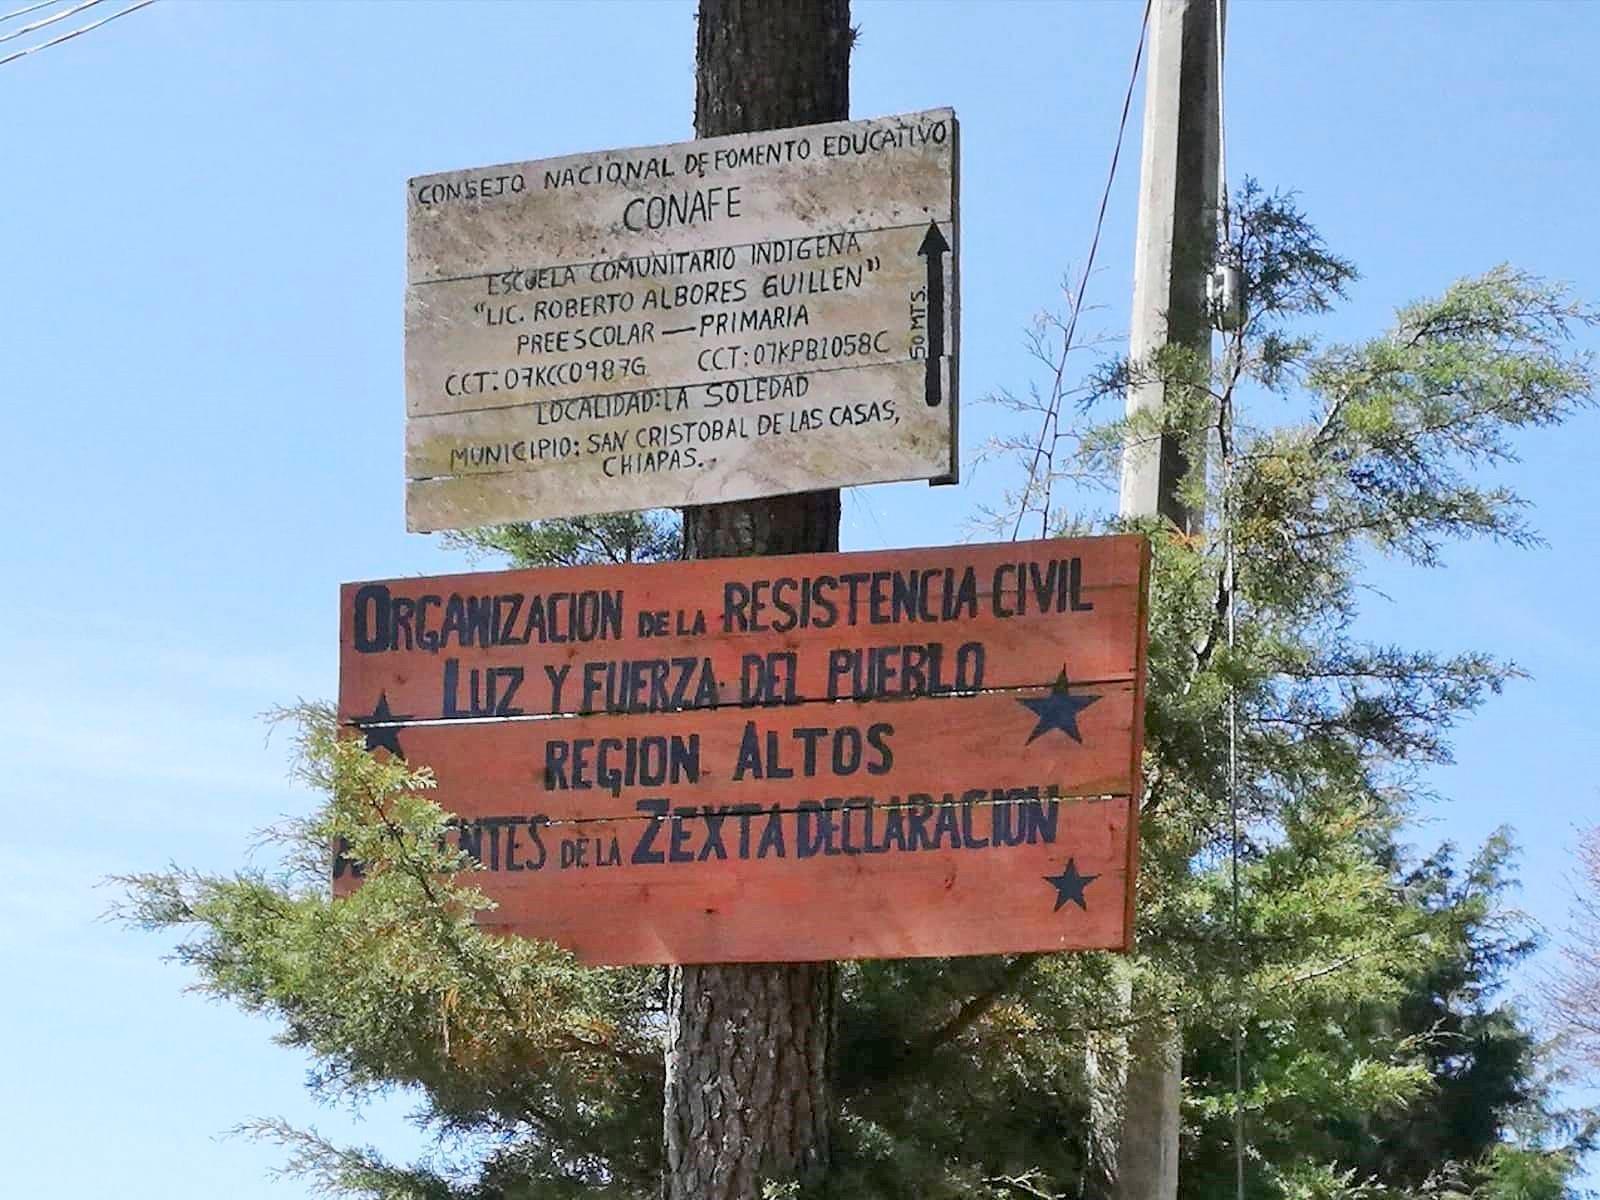 Messico-mexico-resistencia-zapata-zapatista-pueblo